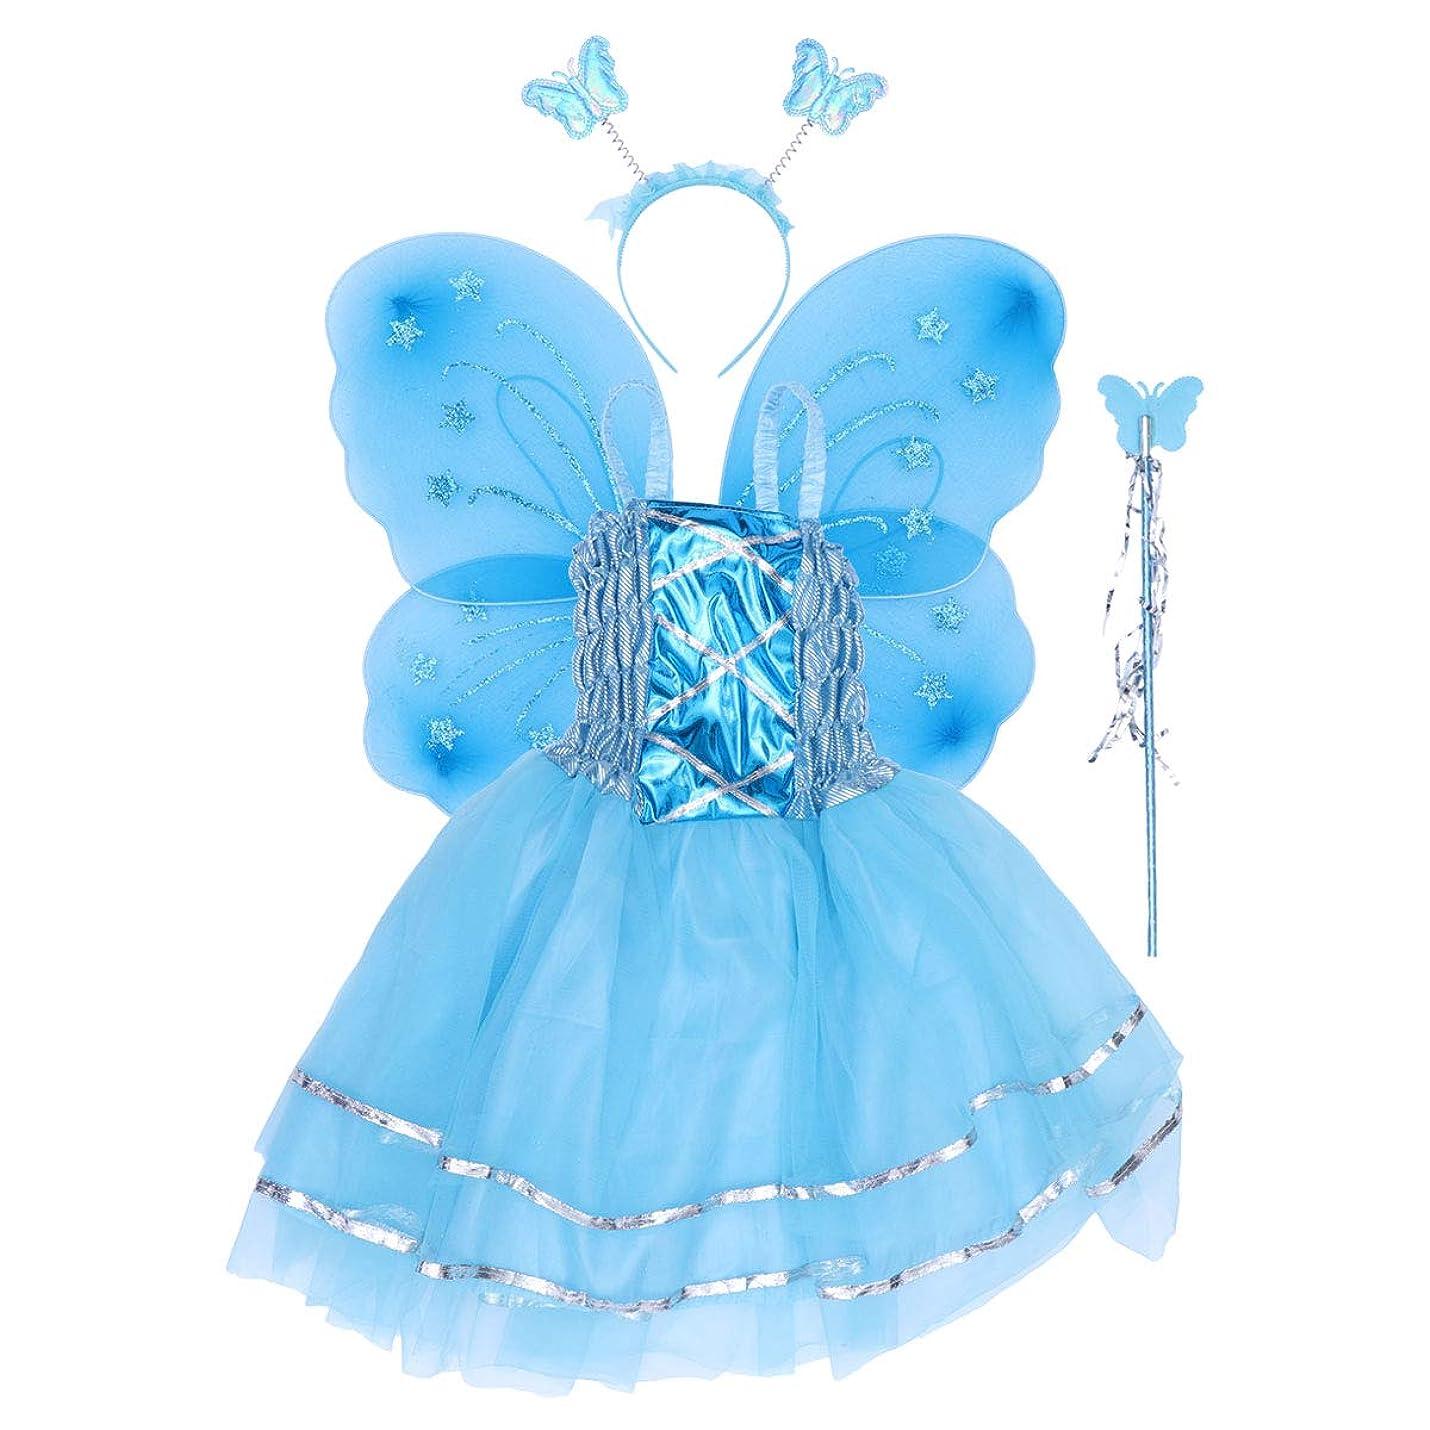 アナログバスト惑星BESTOYARD 蝶の羽、ワンド、ヘッドバンド、ツツードレス(スカイブルー)と4個の女の子バタフライプリンセス妖精のコスチュームセット